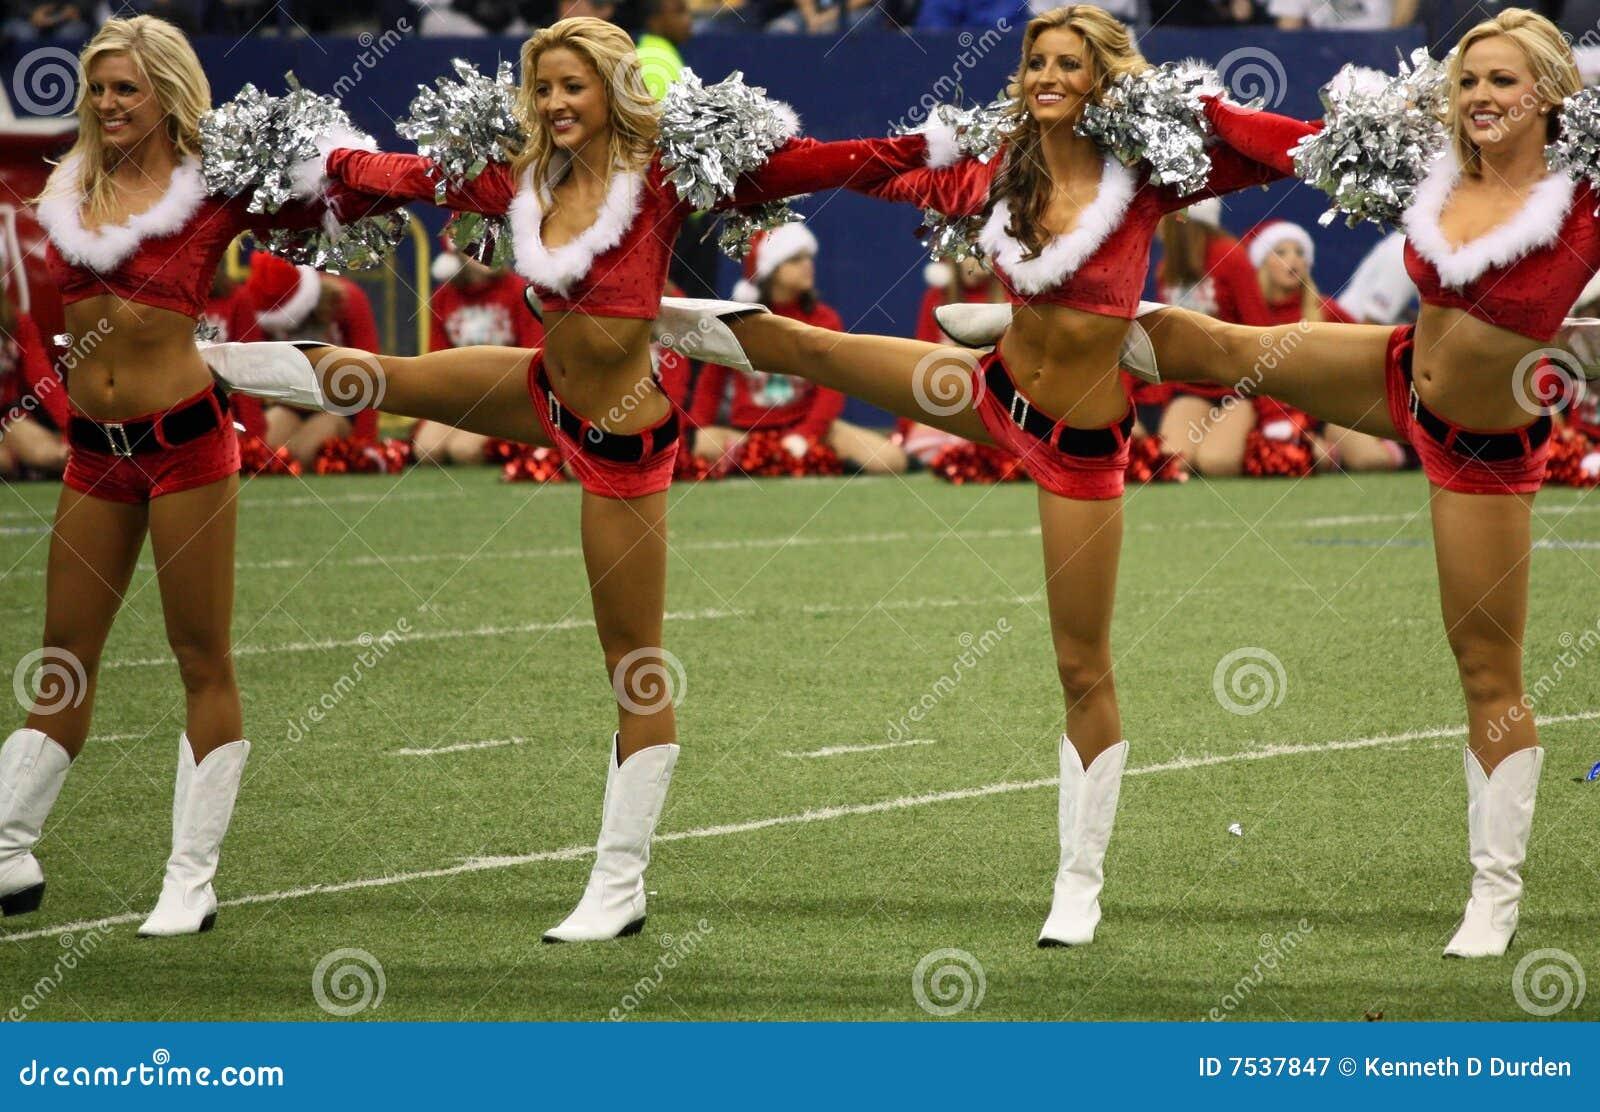 cowboys cheerleaders christmas halftime line editorial clip art pom poms and confetti clip art pom pom crochet